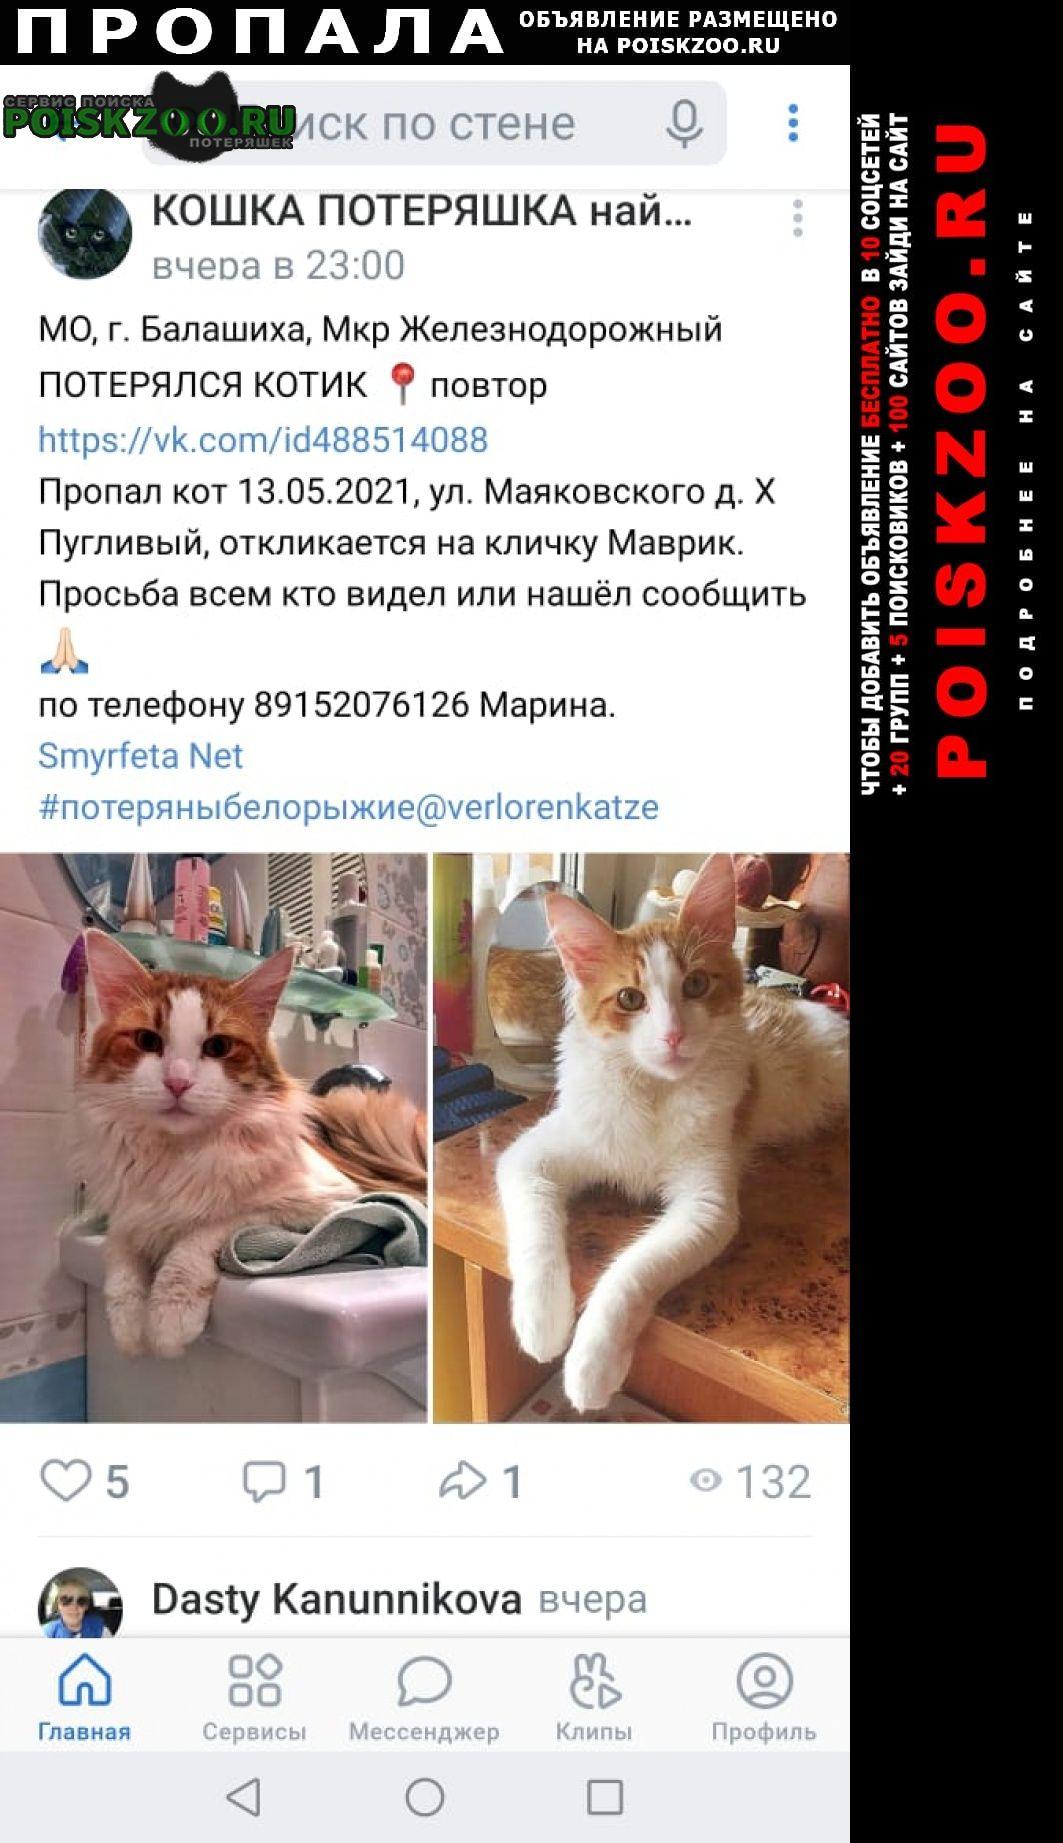 Пропал кот за вознаграждение Железнодорожный (Московск.)